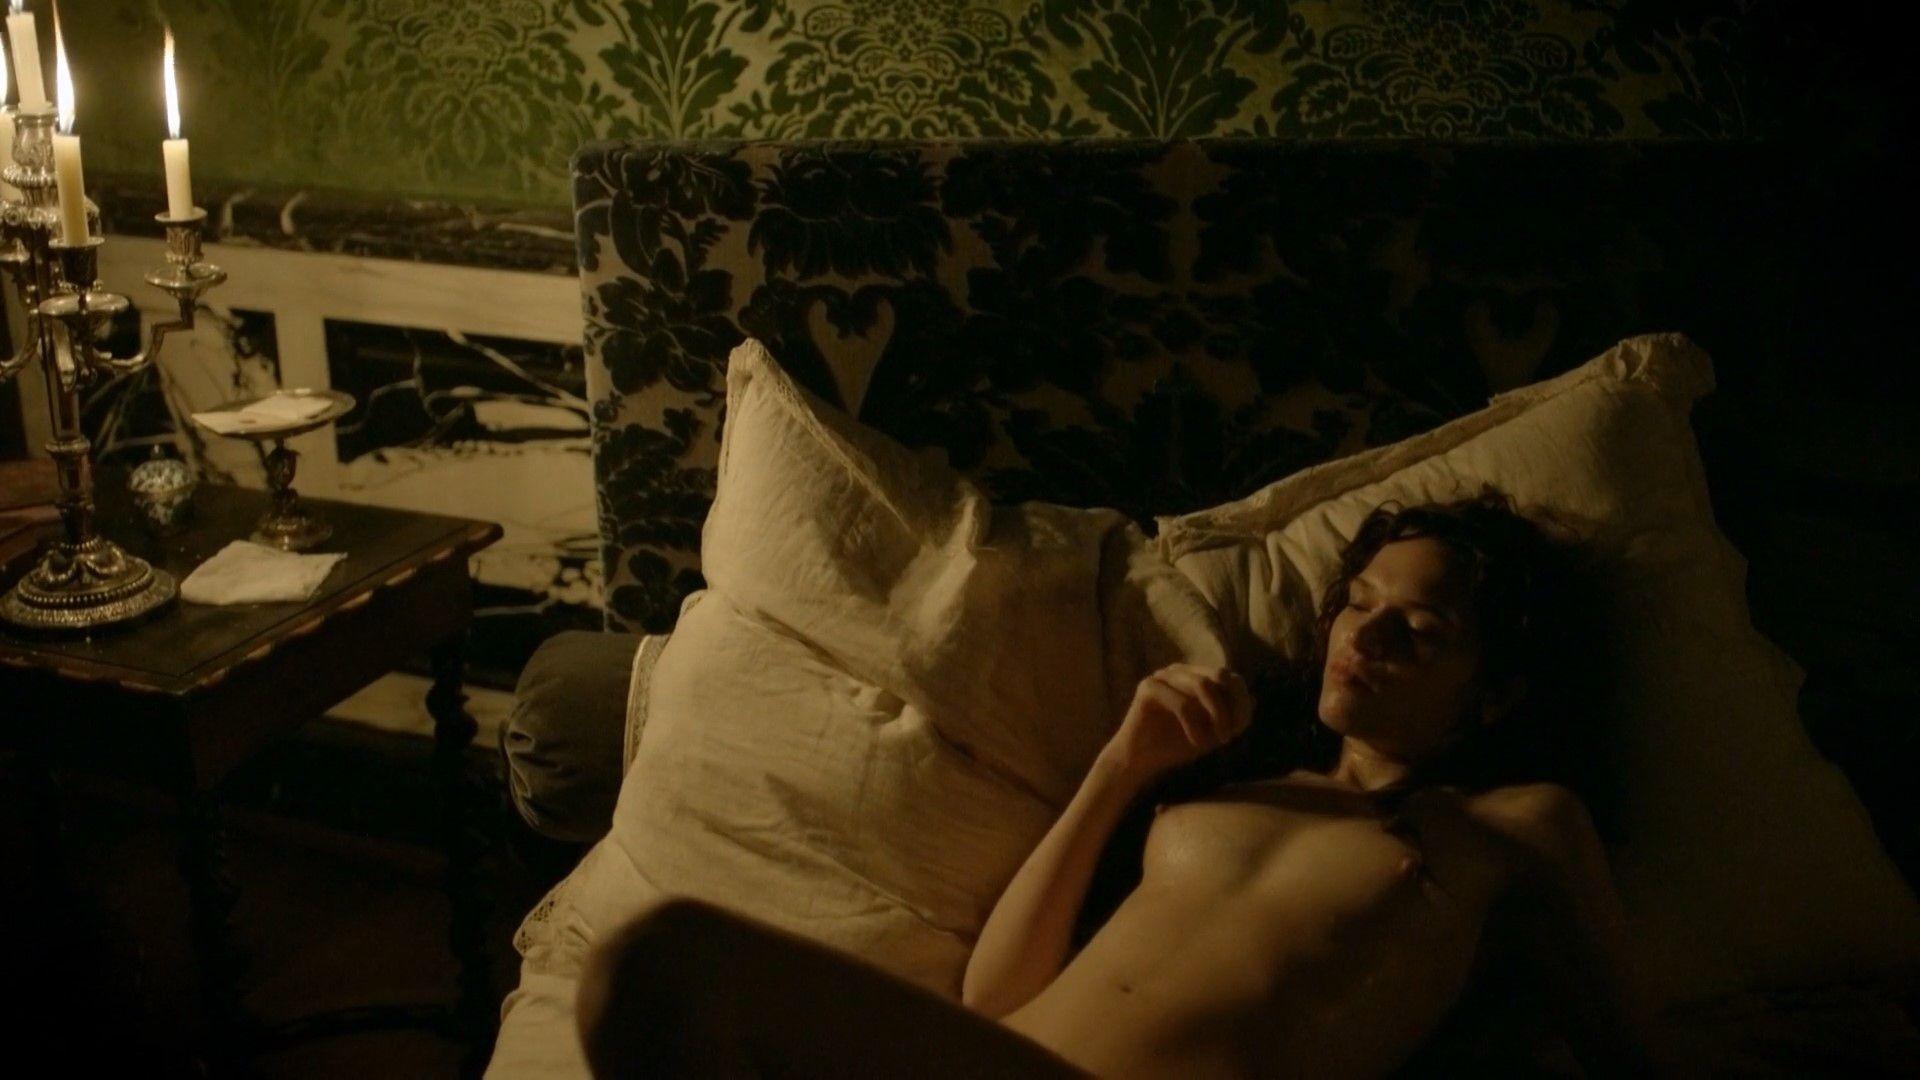 Anna-Brewster-Nude-6